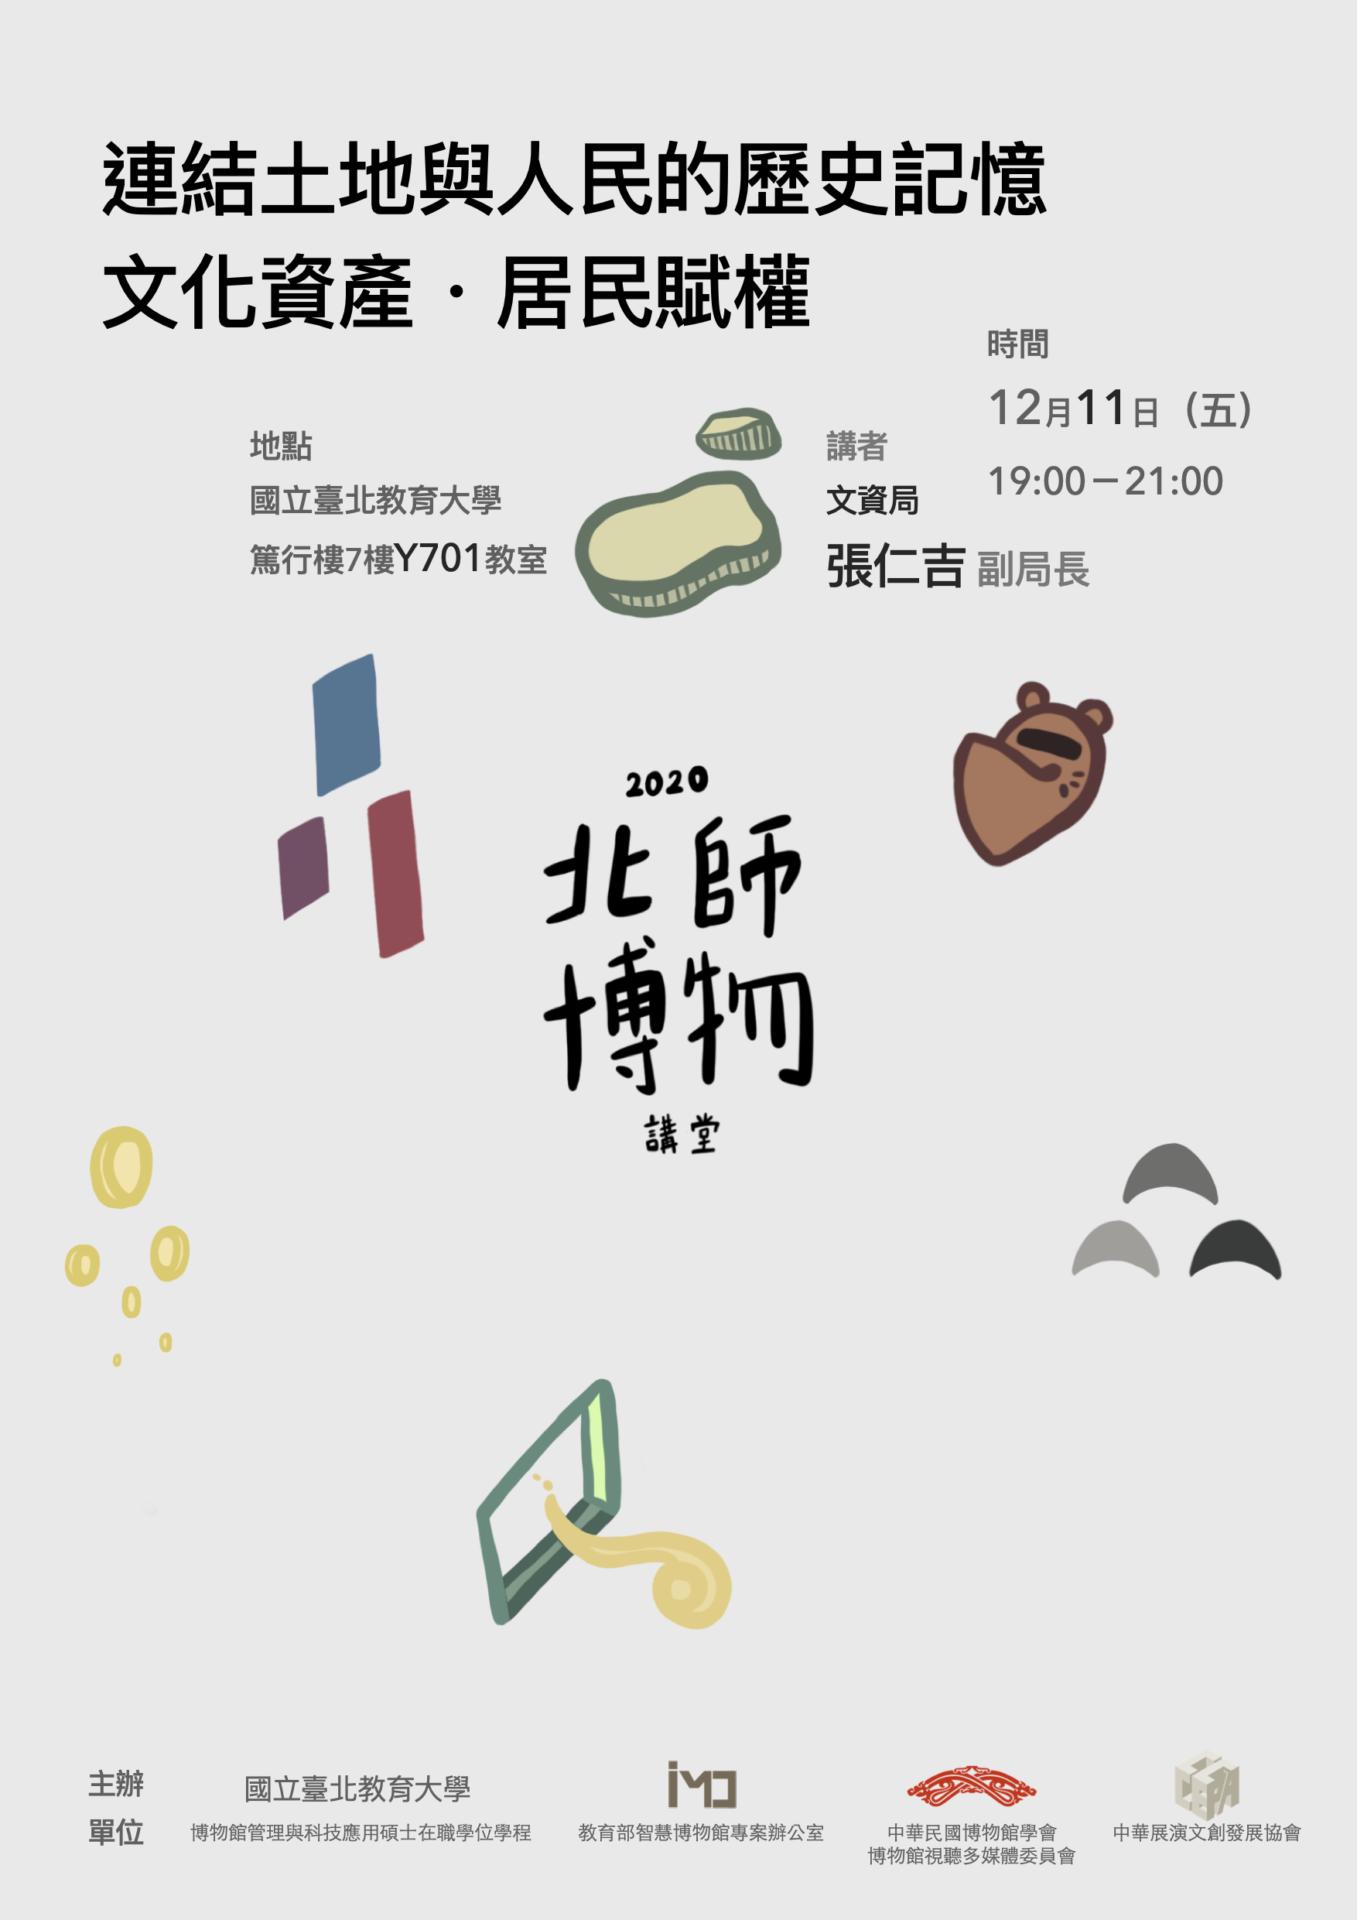 中華民國博物館學會:2020/12/11【北師博物講堂-連結土地與人民的歷史記憶-文化資產・居民賦權 】